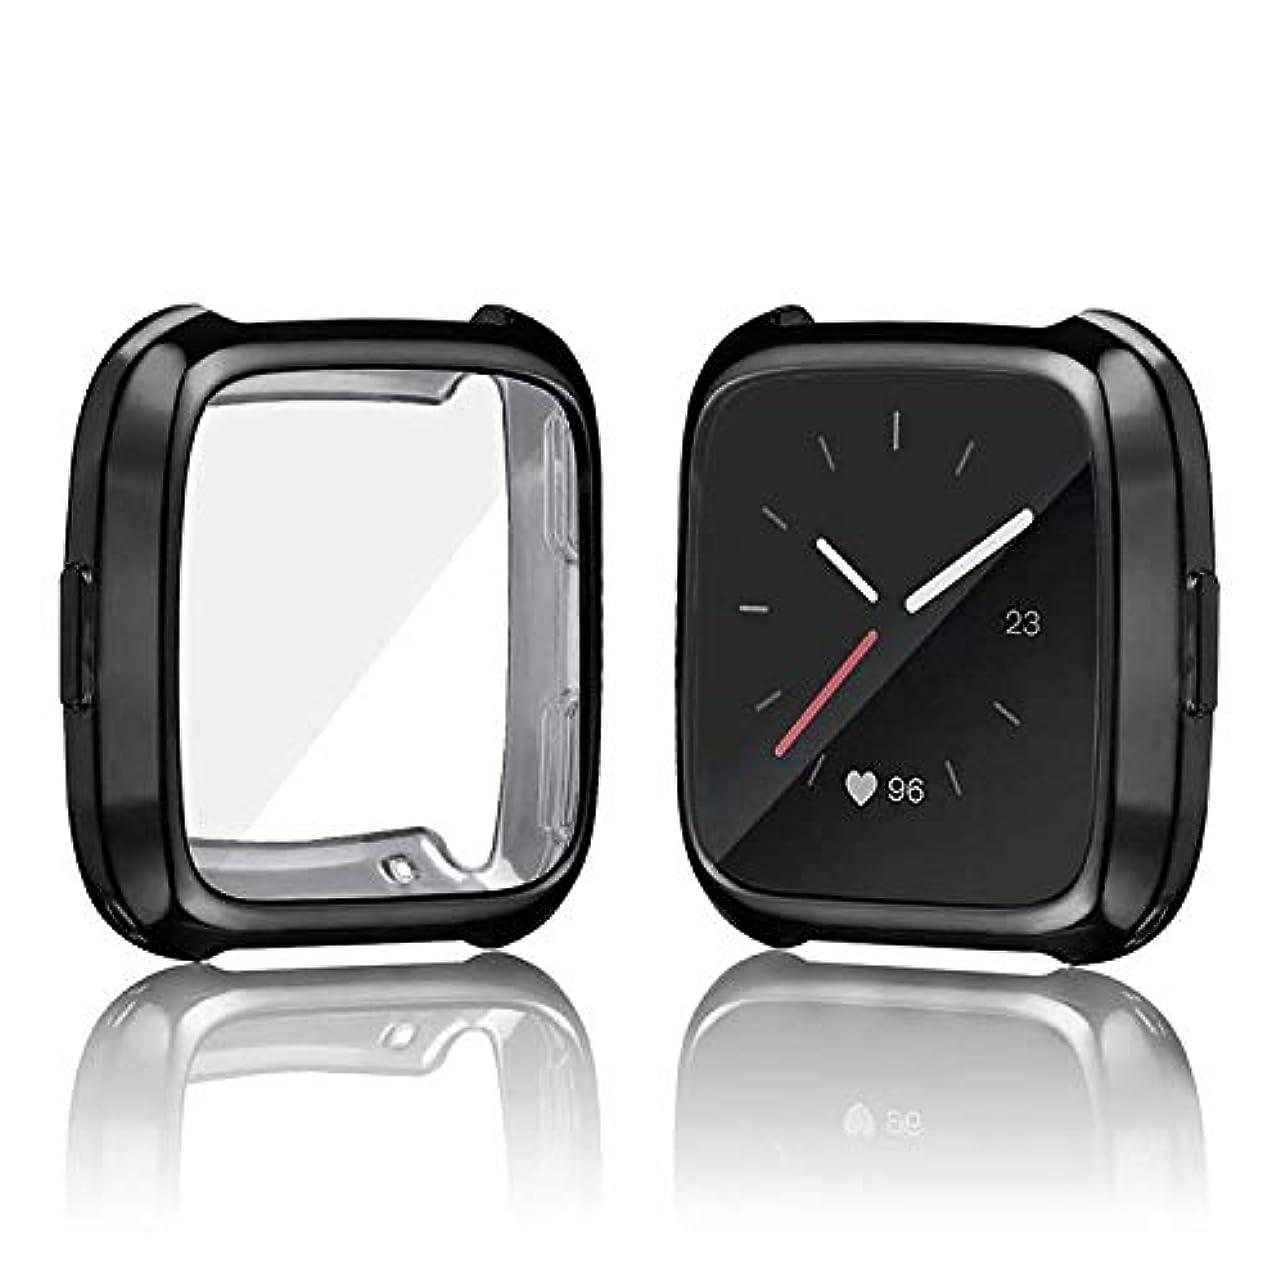 やけどかわいらしい設計図Fitbit Versa 2 ケース A-VIDET メッキ加工 柔らかい TPU ソフトケース 落下防止 軽量超簿 耐衝撃性 脱着簡単 褪せない Apple Watch 保護ケース Fitbit Versa 2に対応 (ブラック)